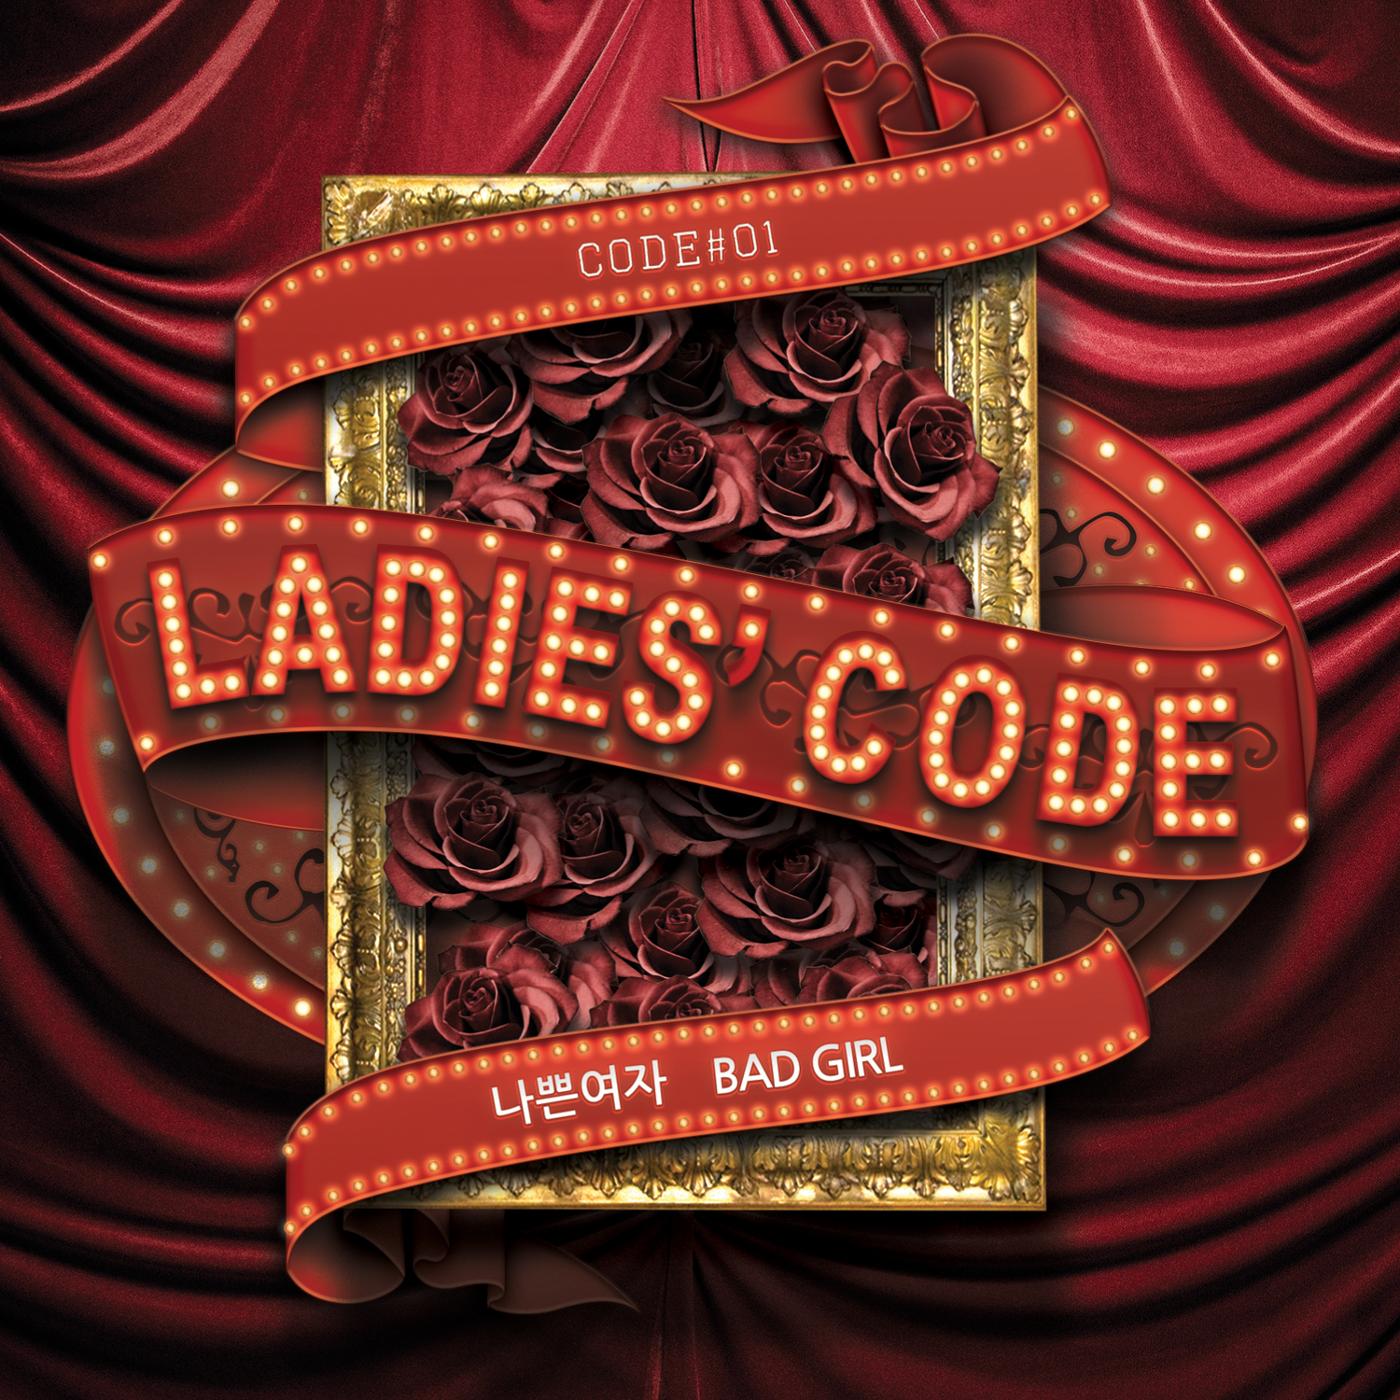 Code 01 Bad Girl